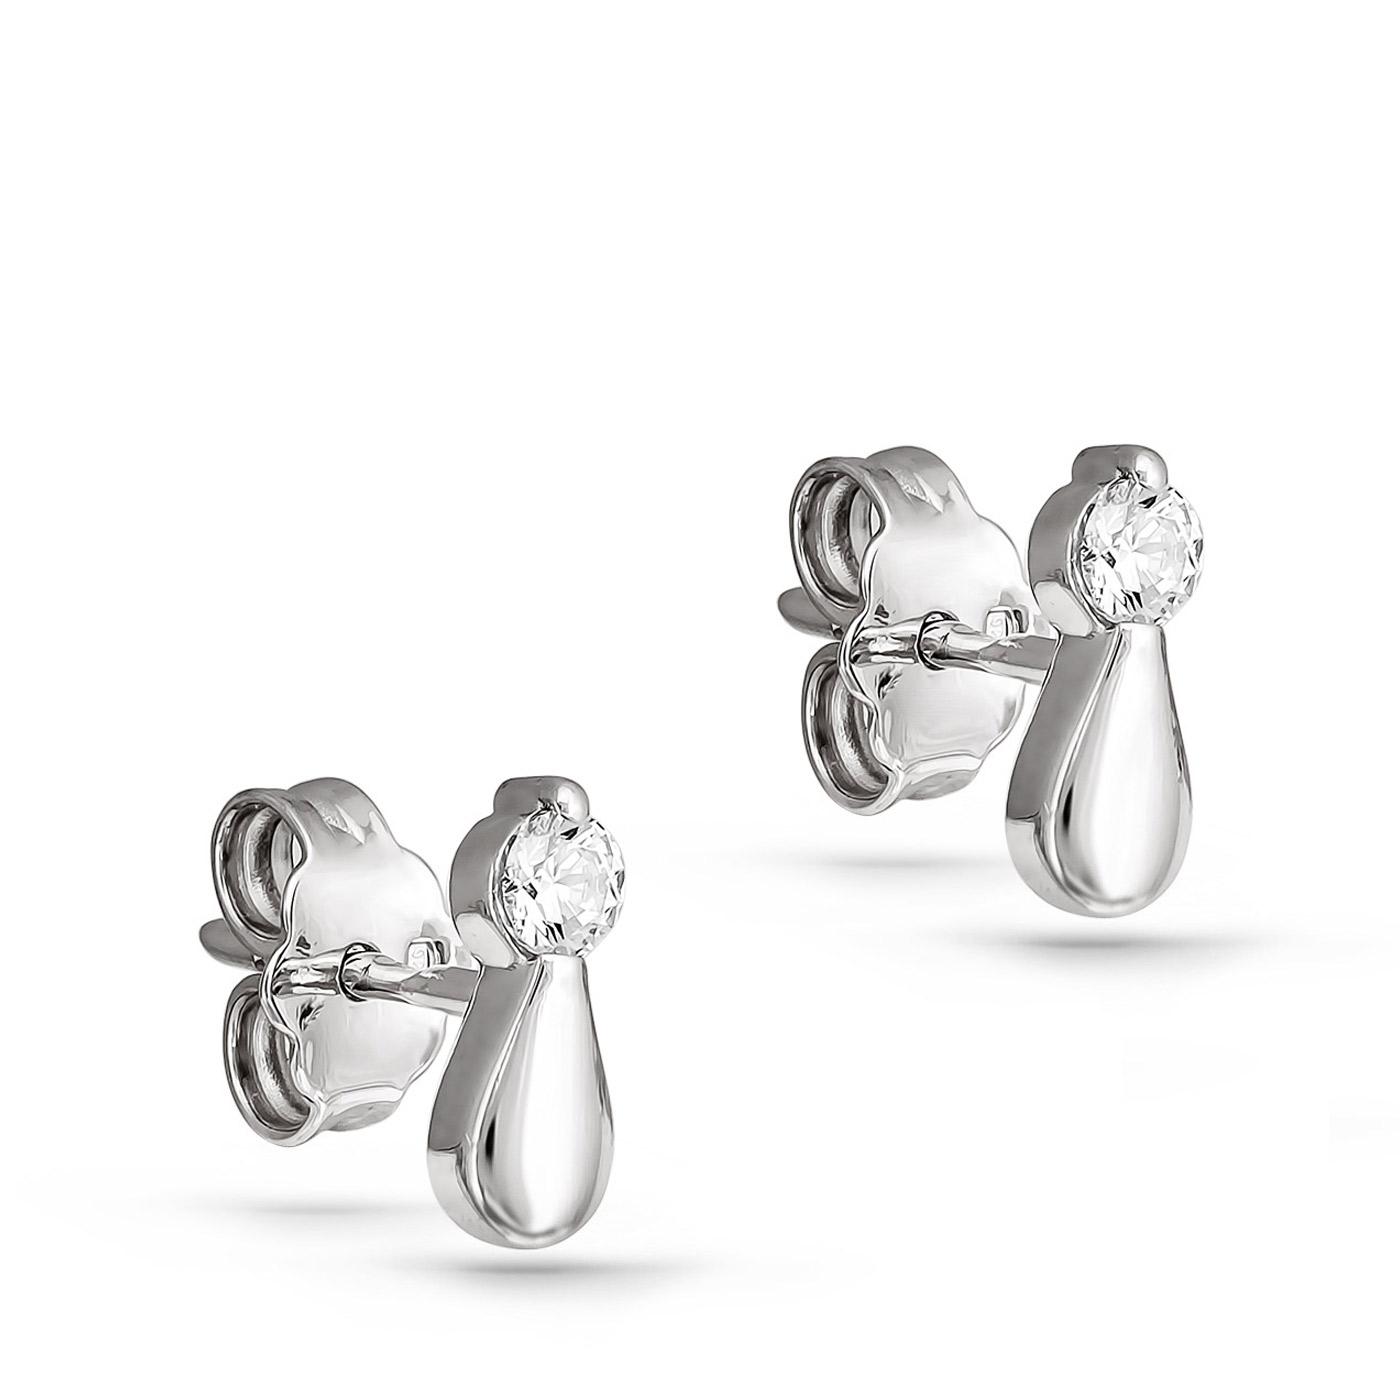 Серьги пусеты из серебра с кристаллом сваровски арт. 2-018 2-018